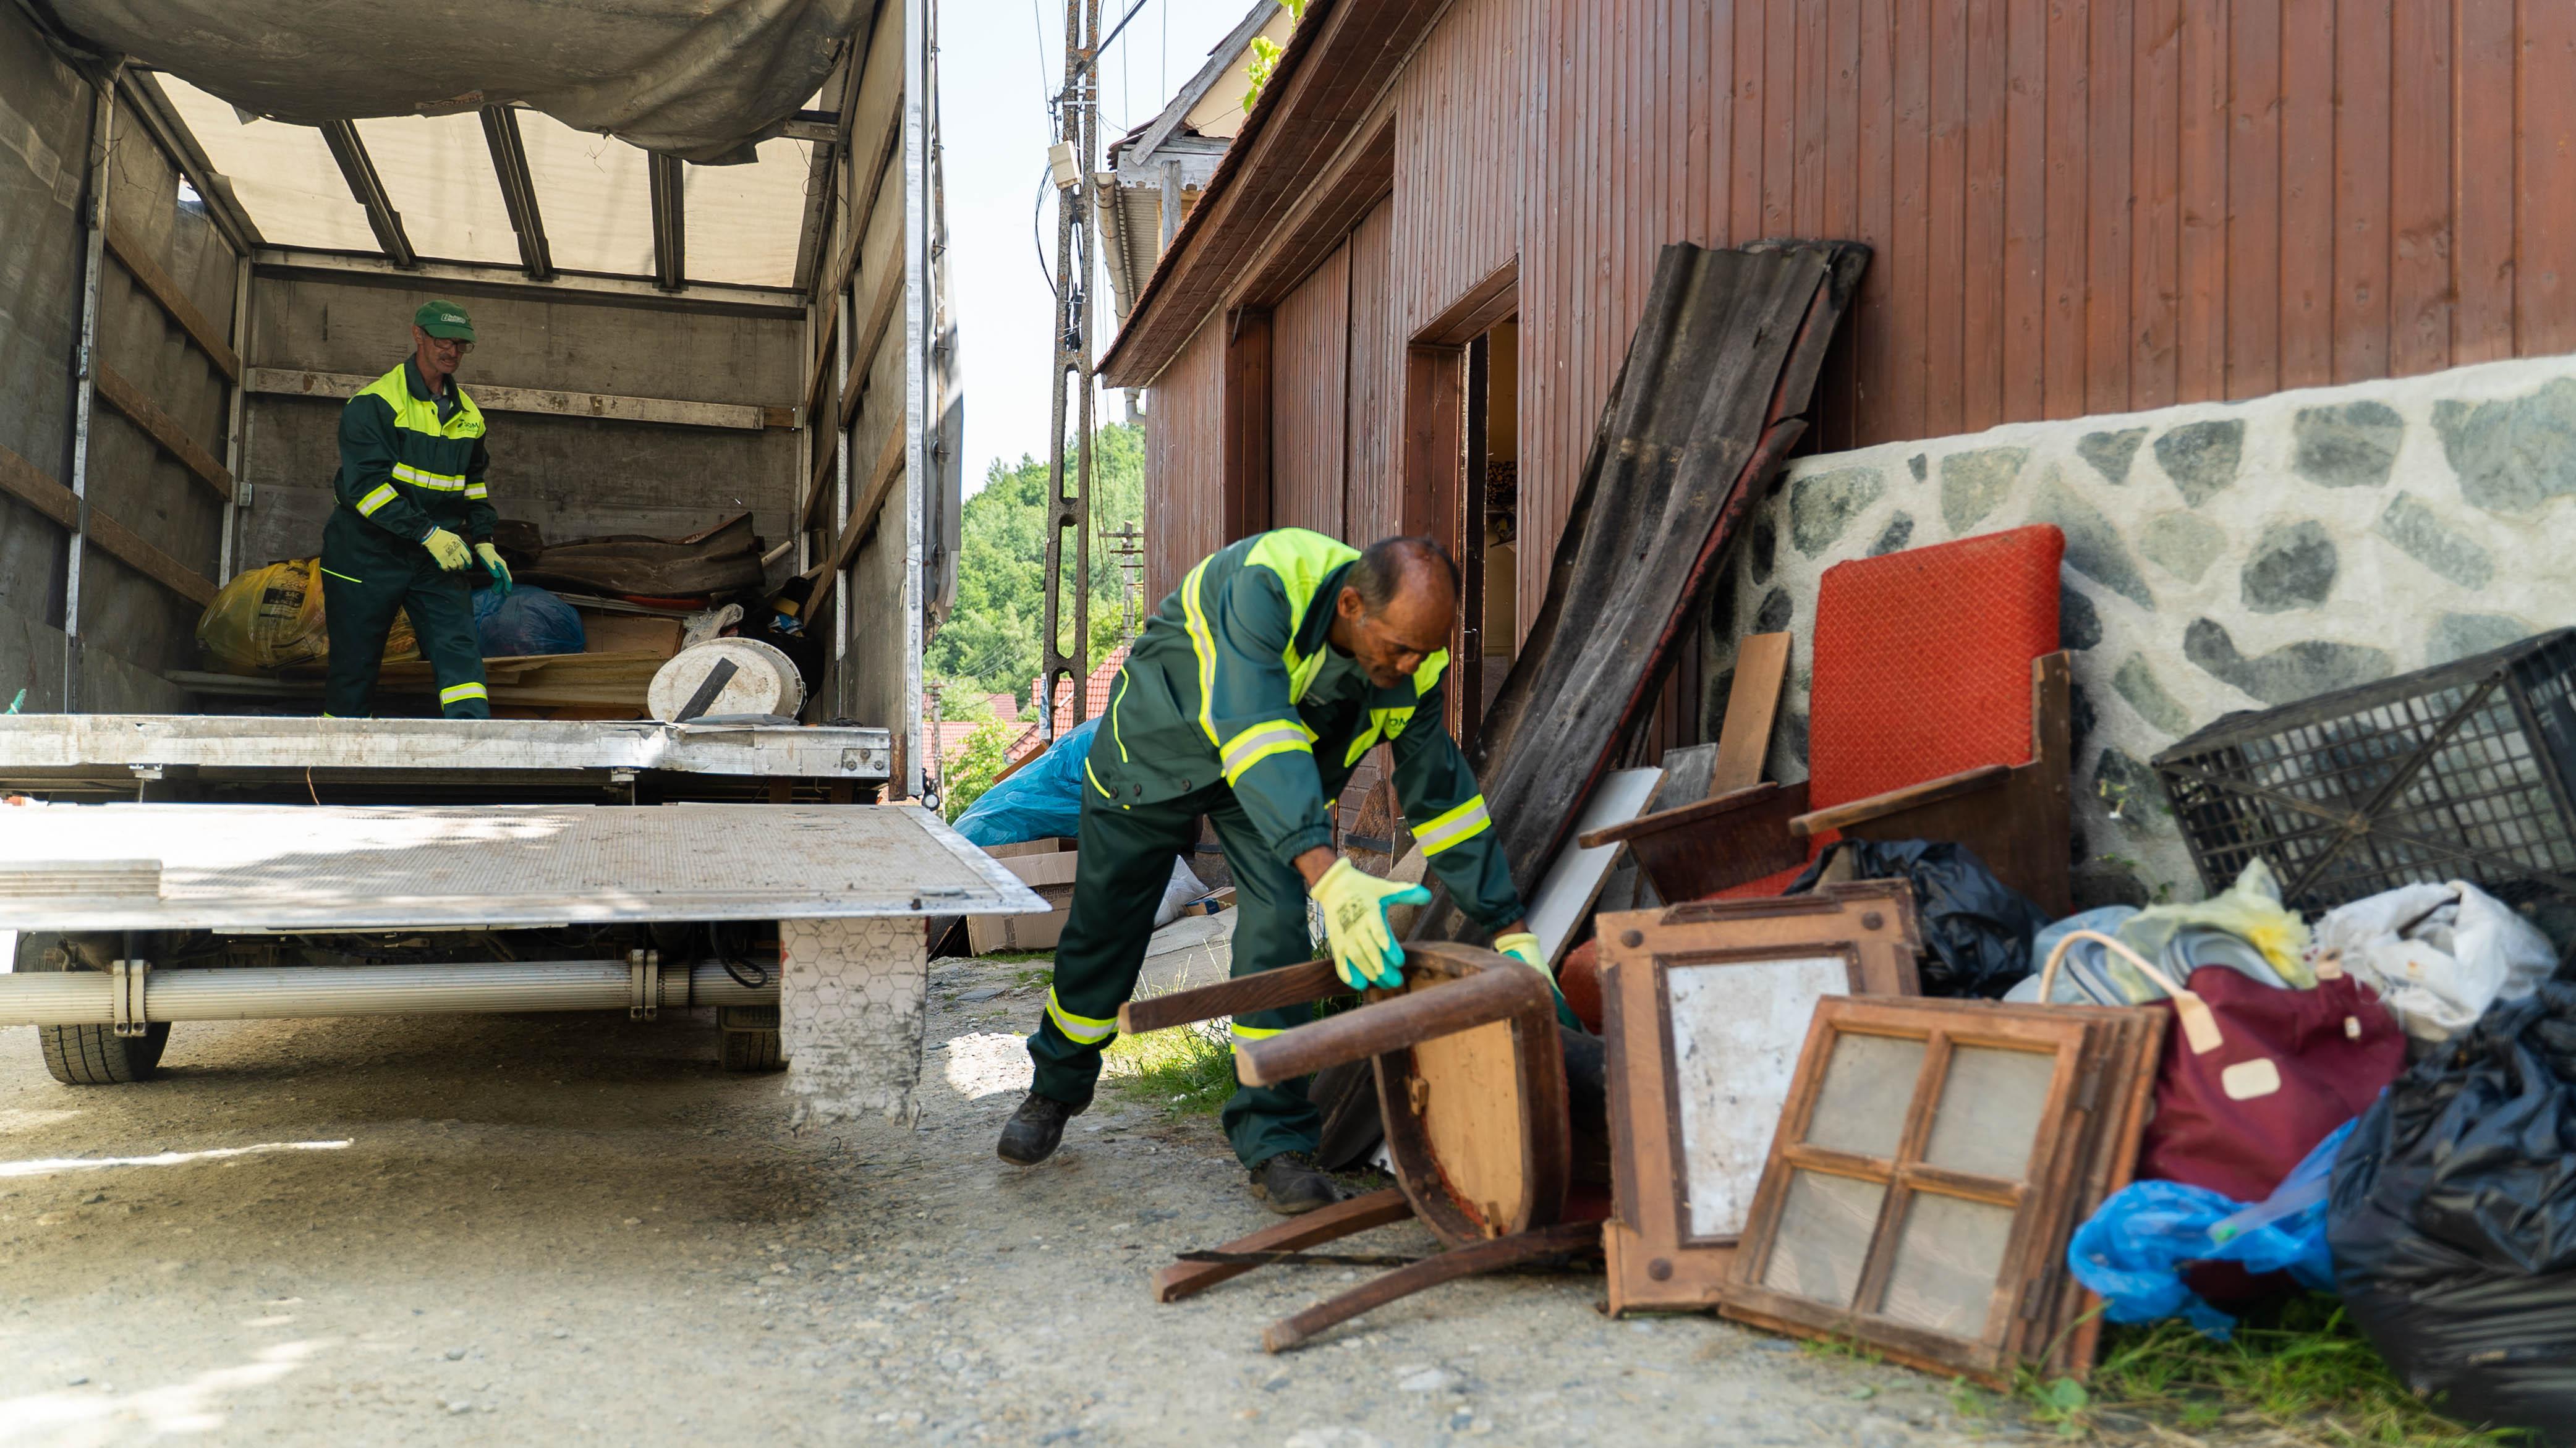 Soma organizează o nouă campanie de colectare a deșeurilor  voluminoase și DEEE în municipiul Sibiu